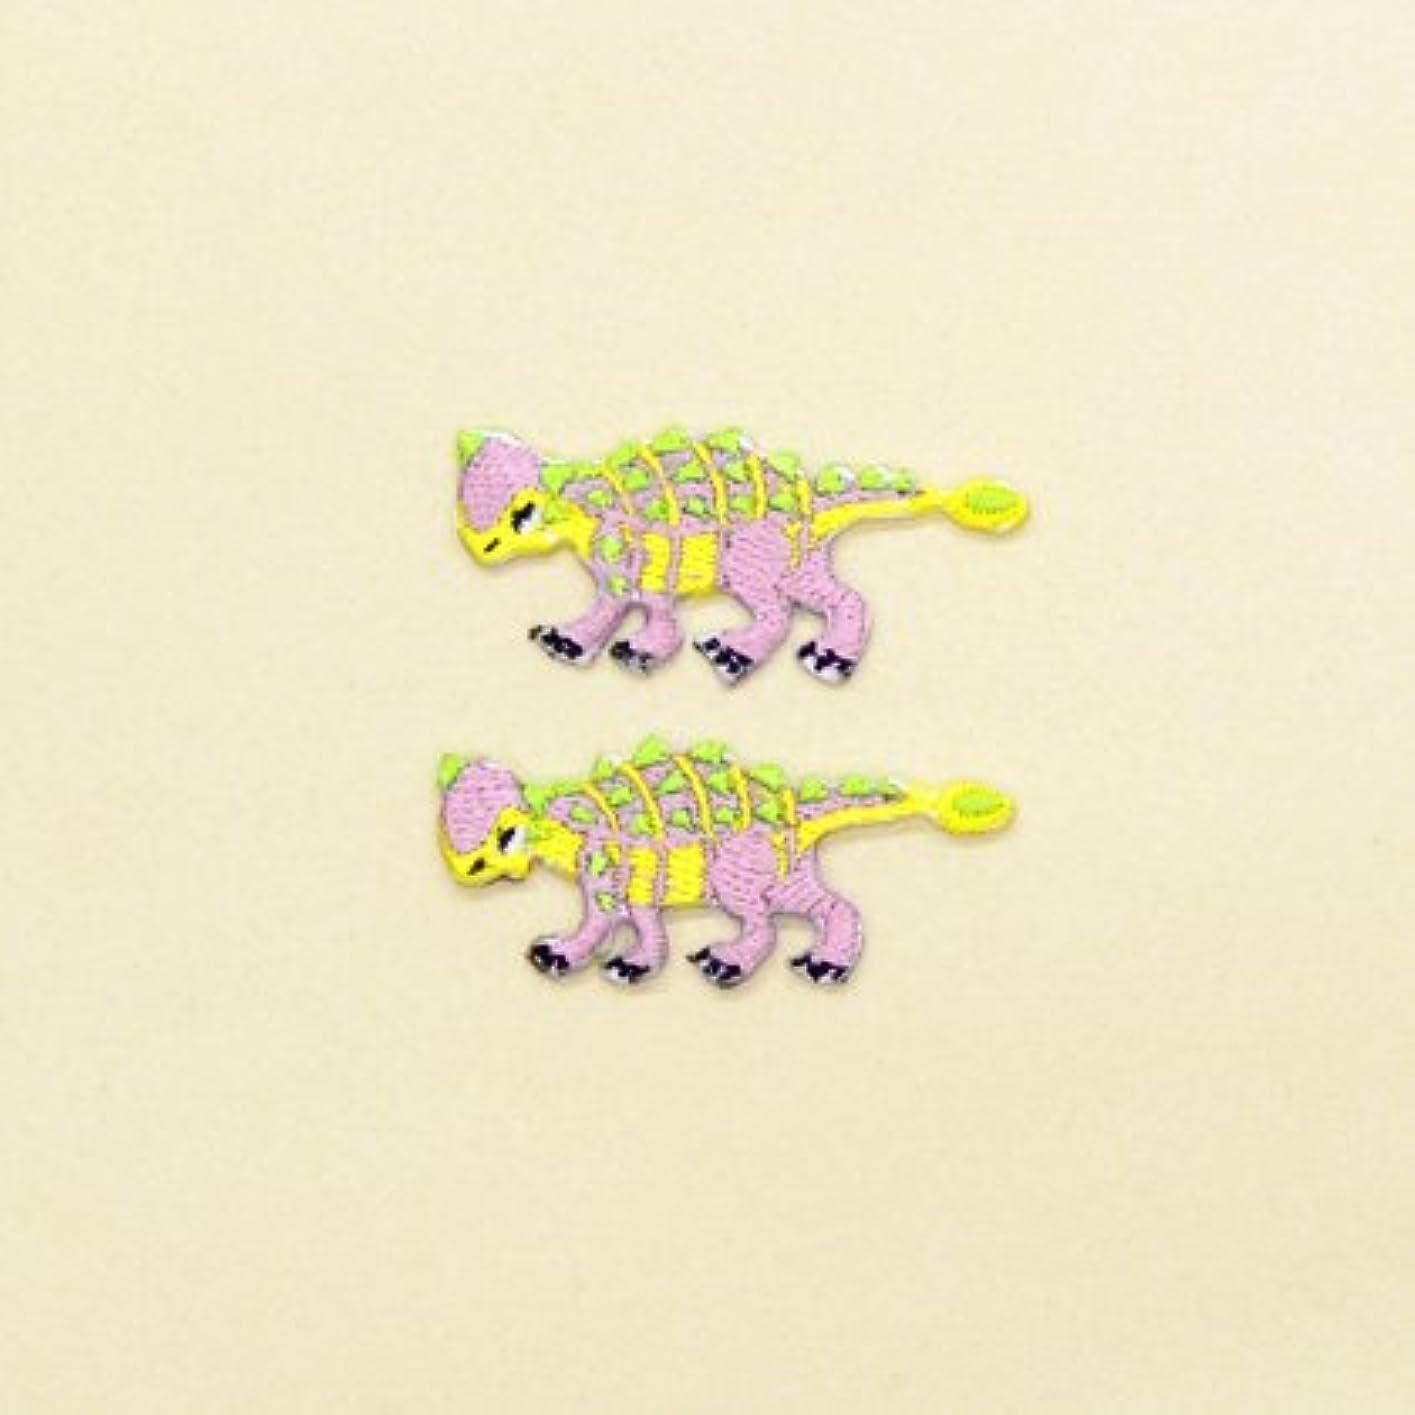 灌漑高音輸送COLORFUL探検 アイロン刺繍ワッペン アンキロサウルス 2個セット N6625400